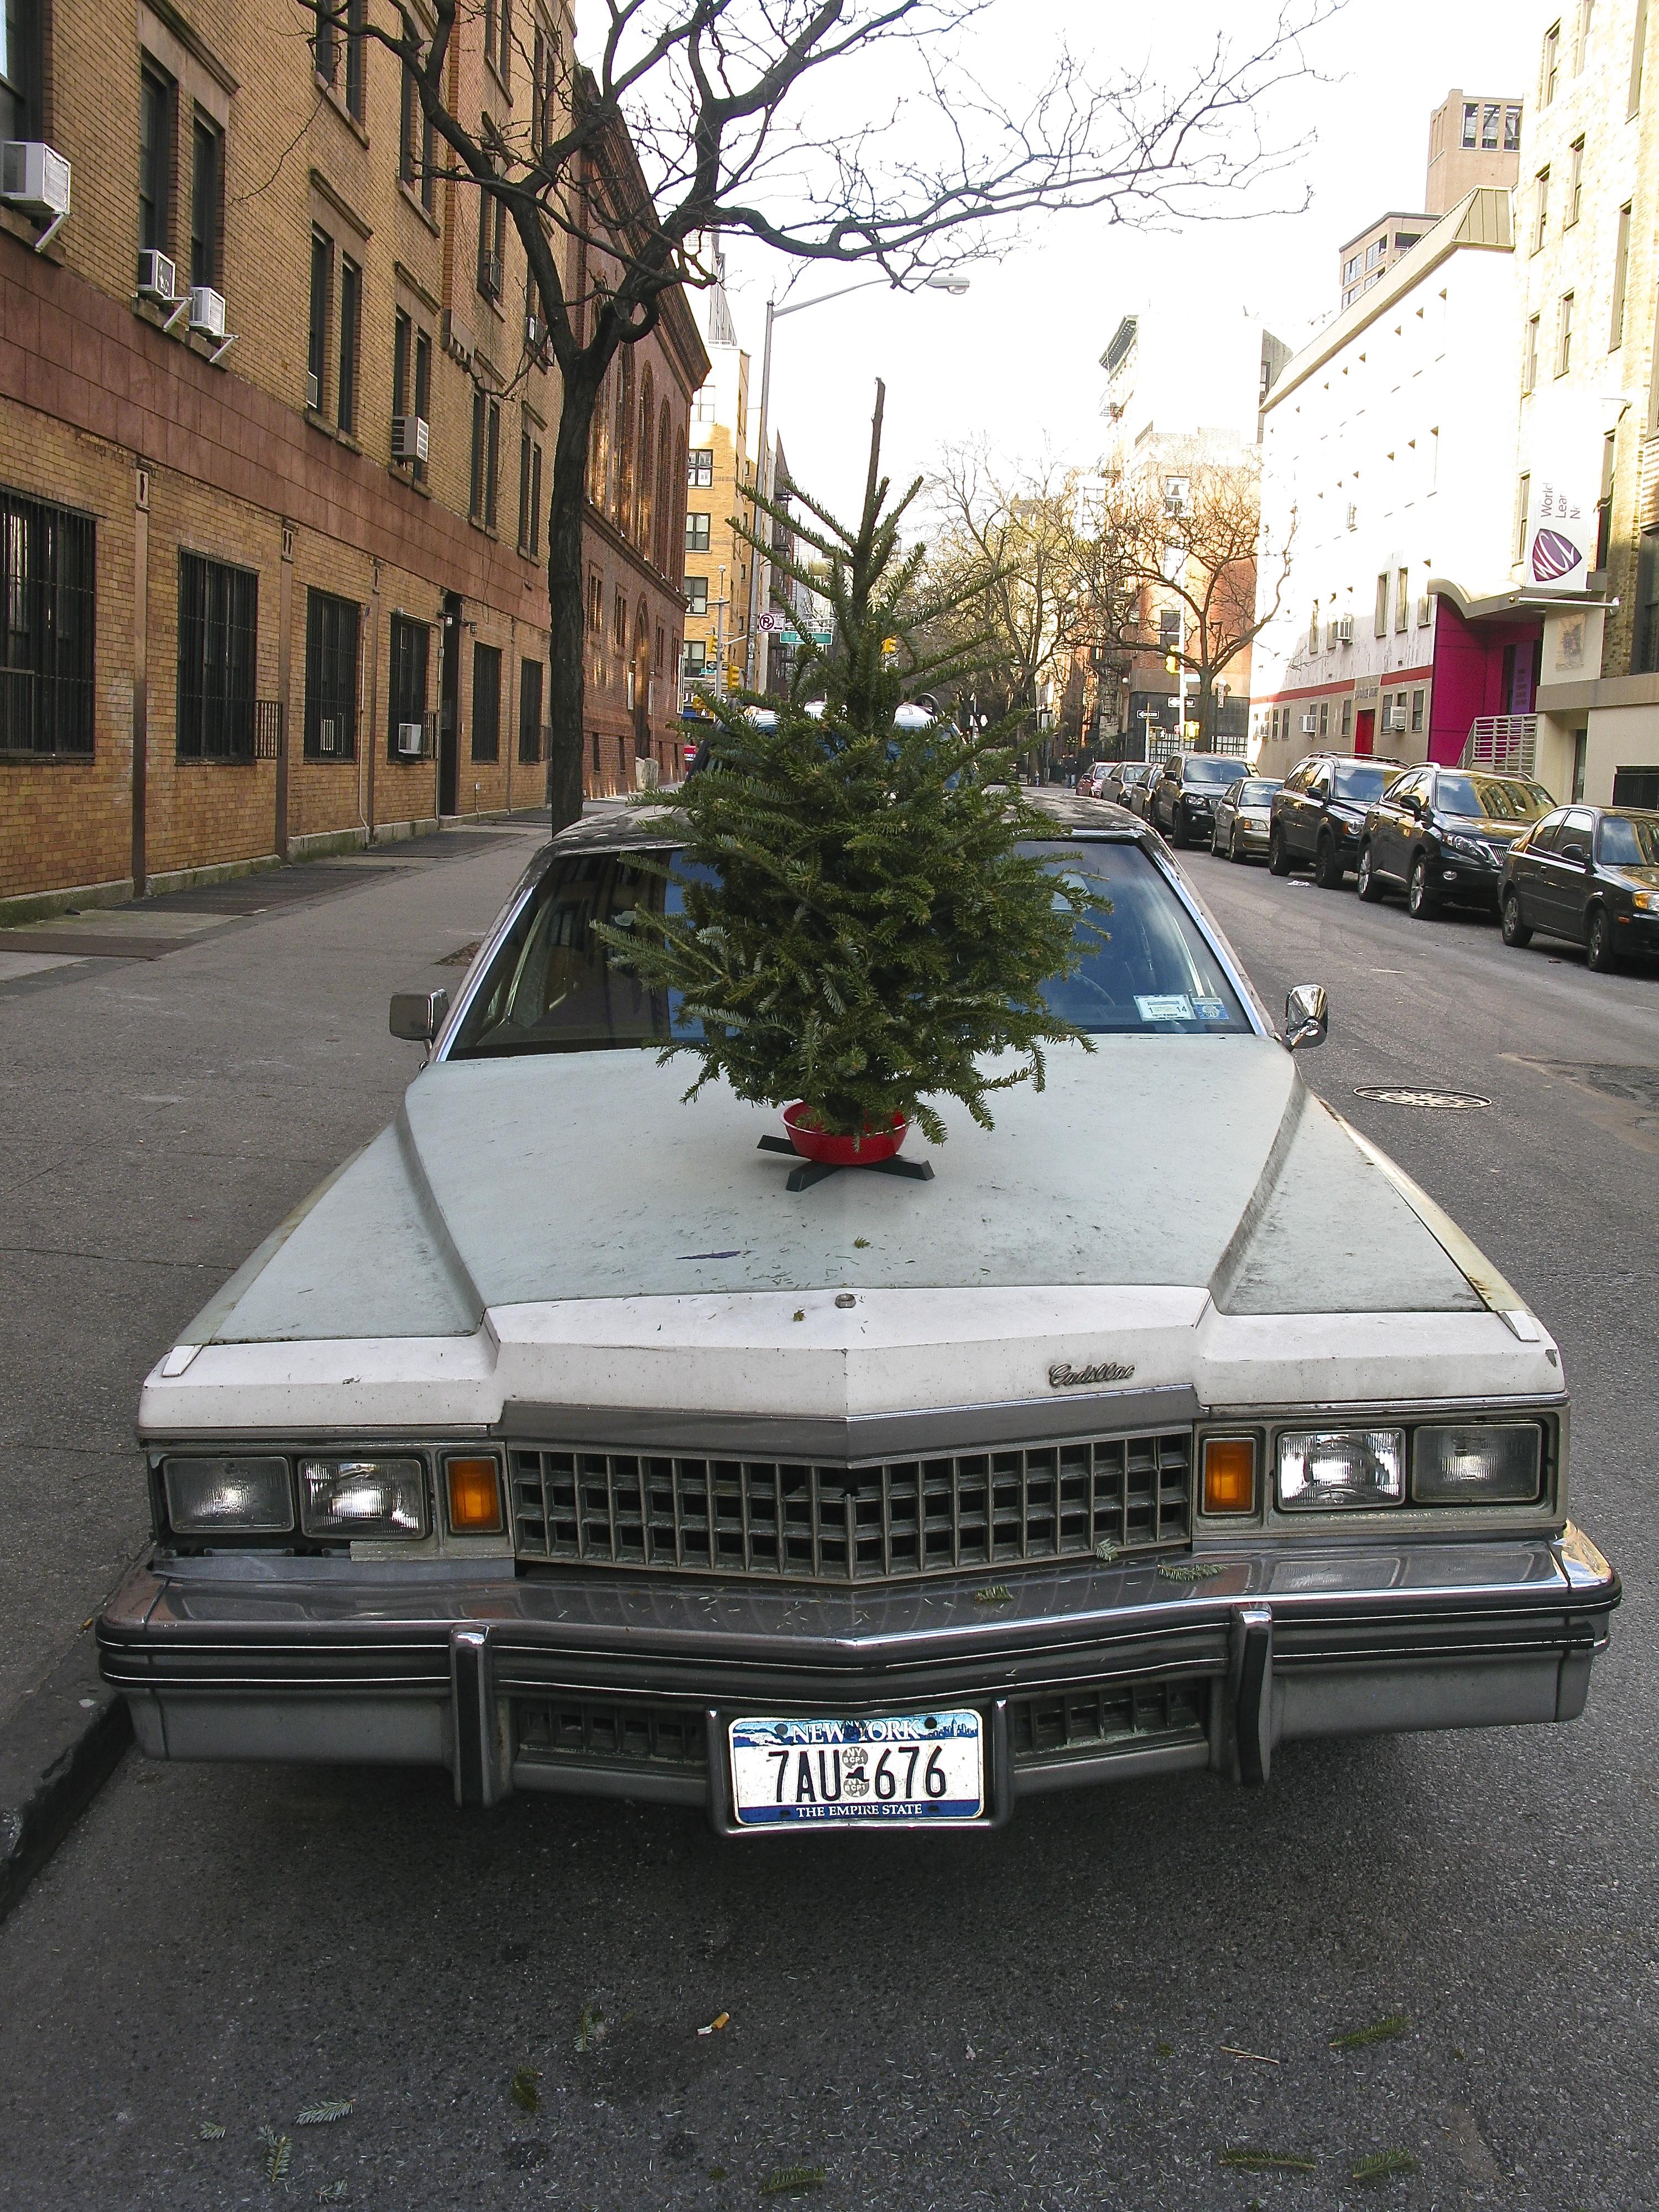 A Cadillac Christmas, 2013